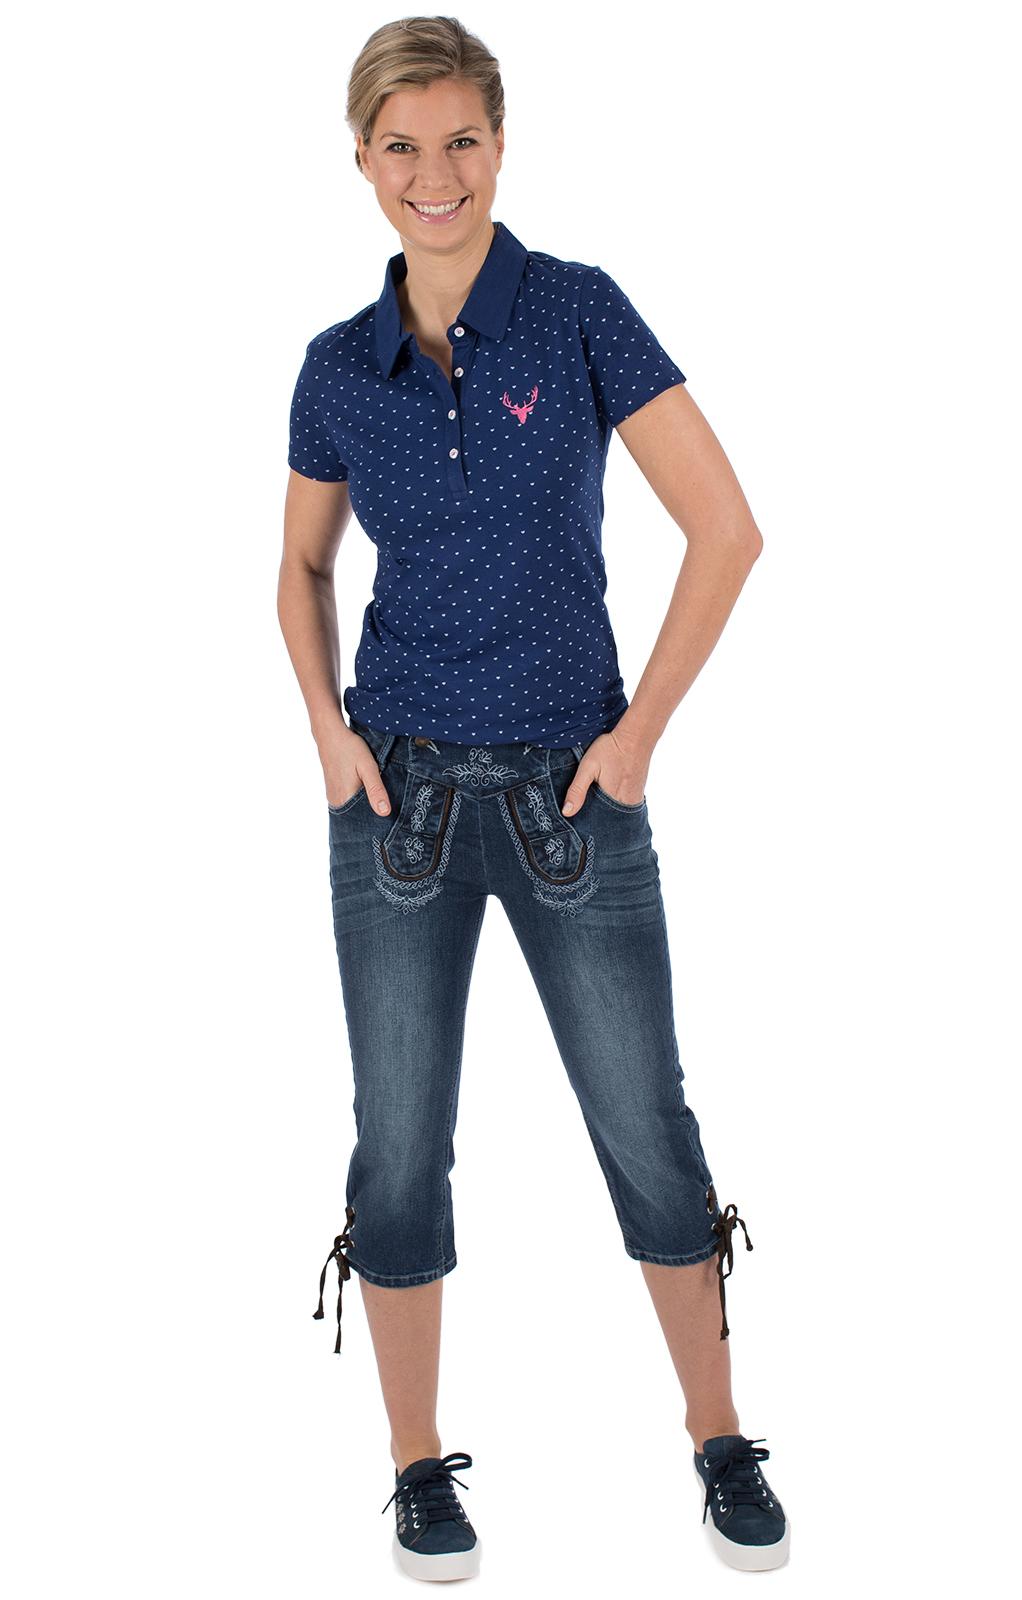 weitere Bilder von Trachten T-Shirt RUTH blau